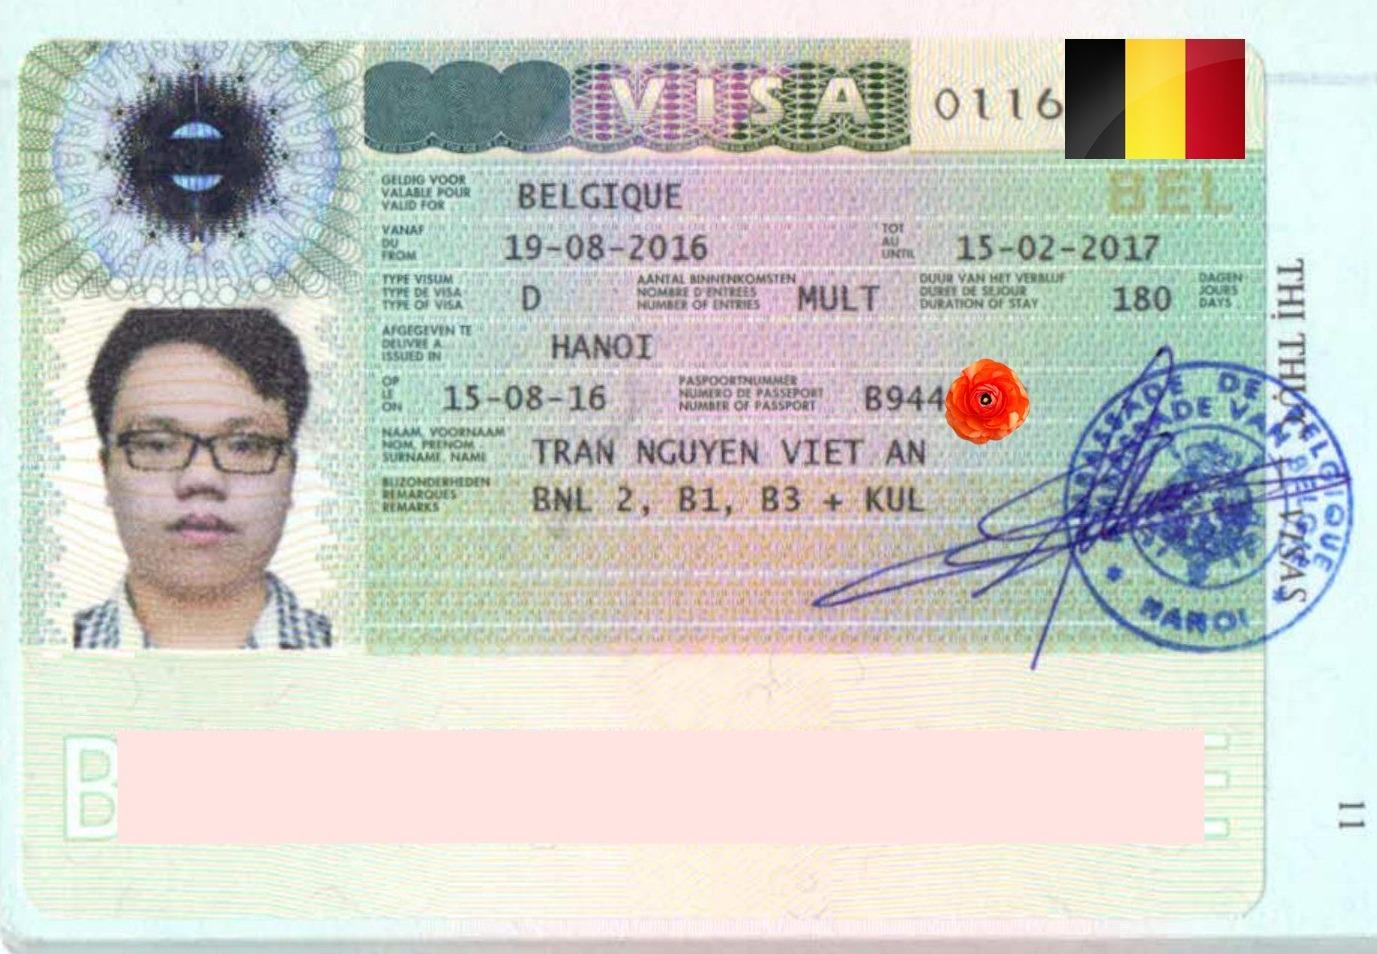 Chúc mừng bạn Trần Nguyễn Việt An nhận được visa du học Bỉ kì mùa thu năm học 2016-2017.